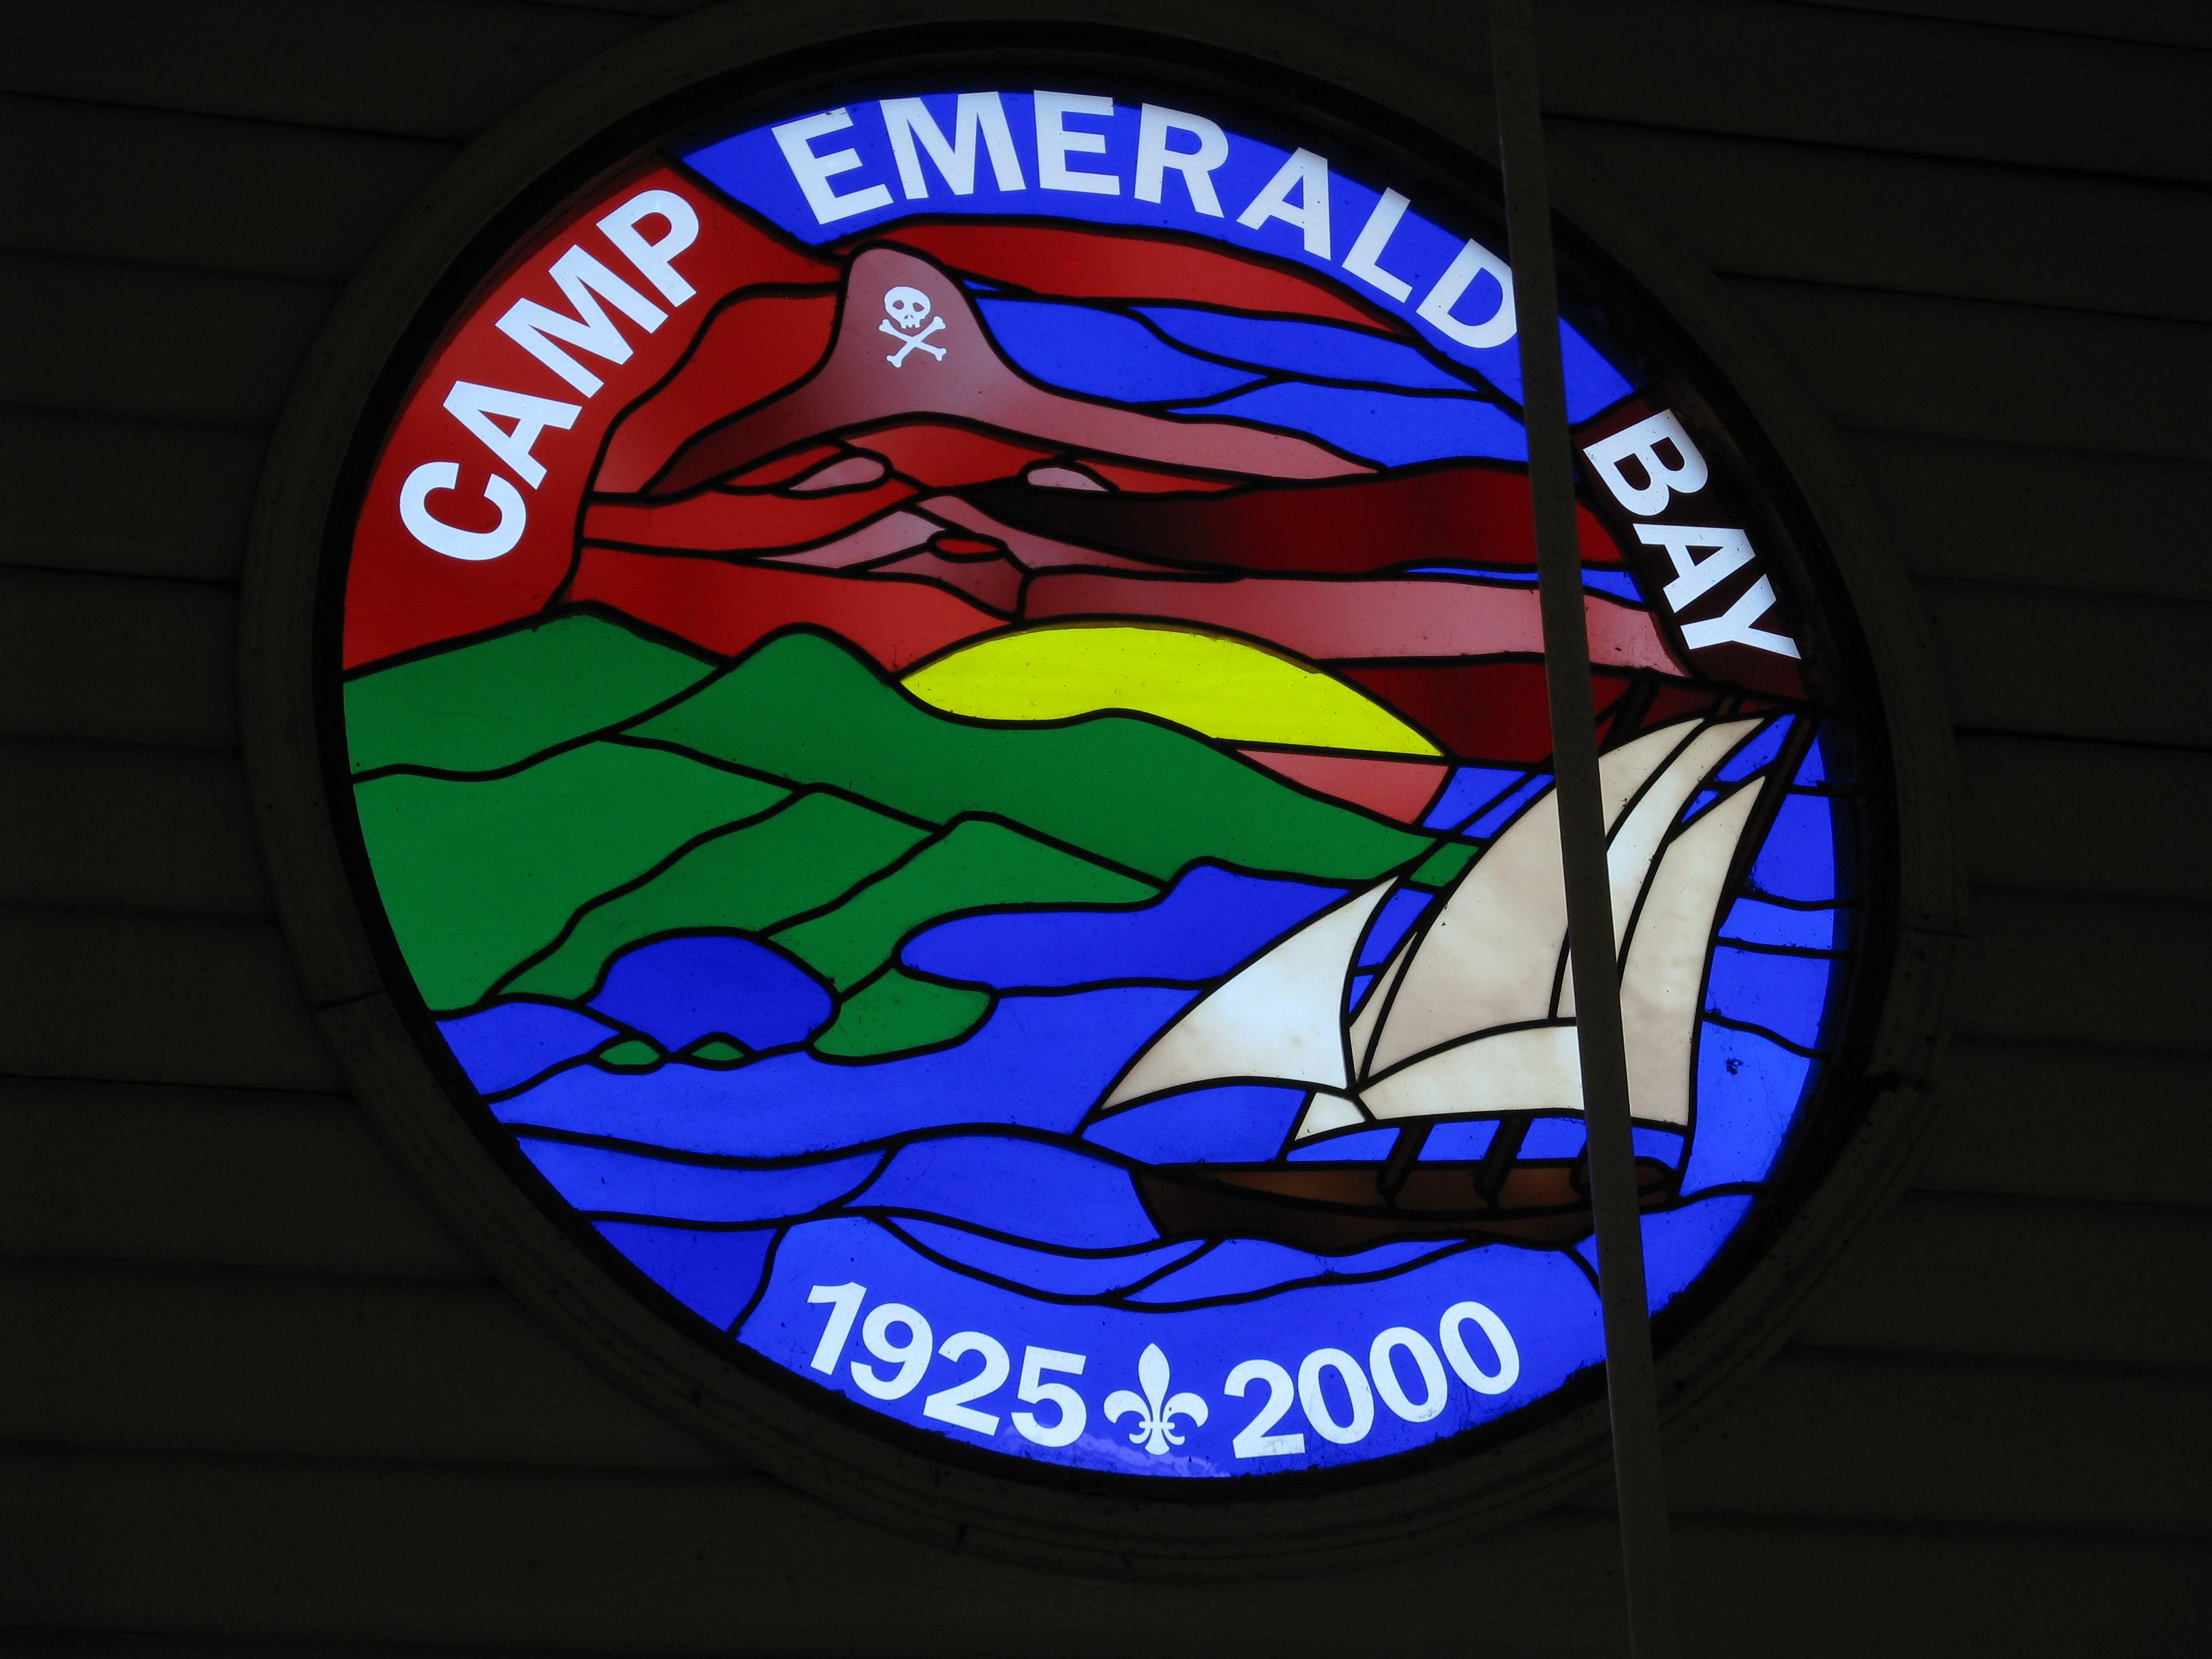 CampEmeraldBayWindow-1